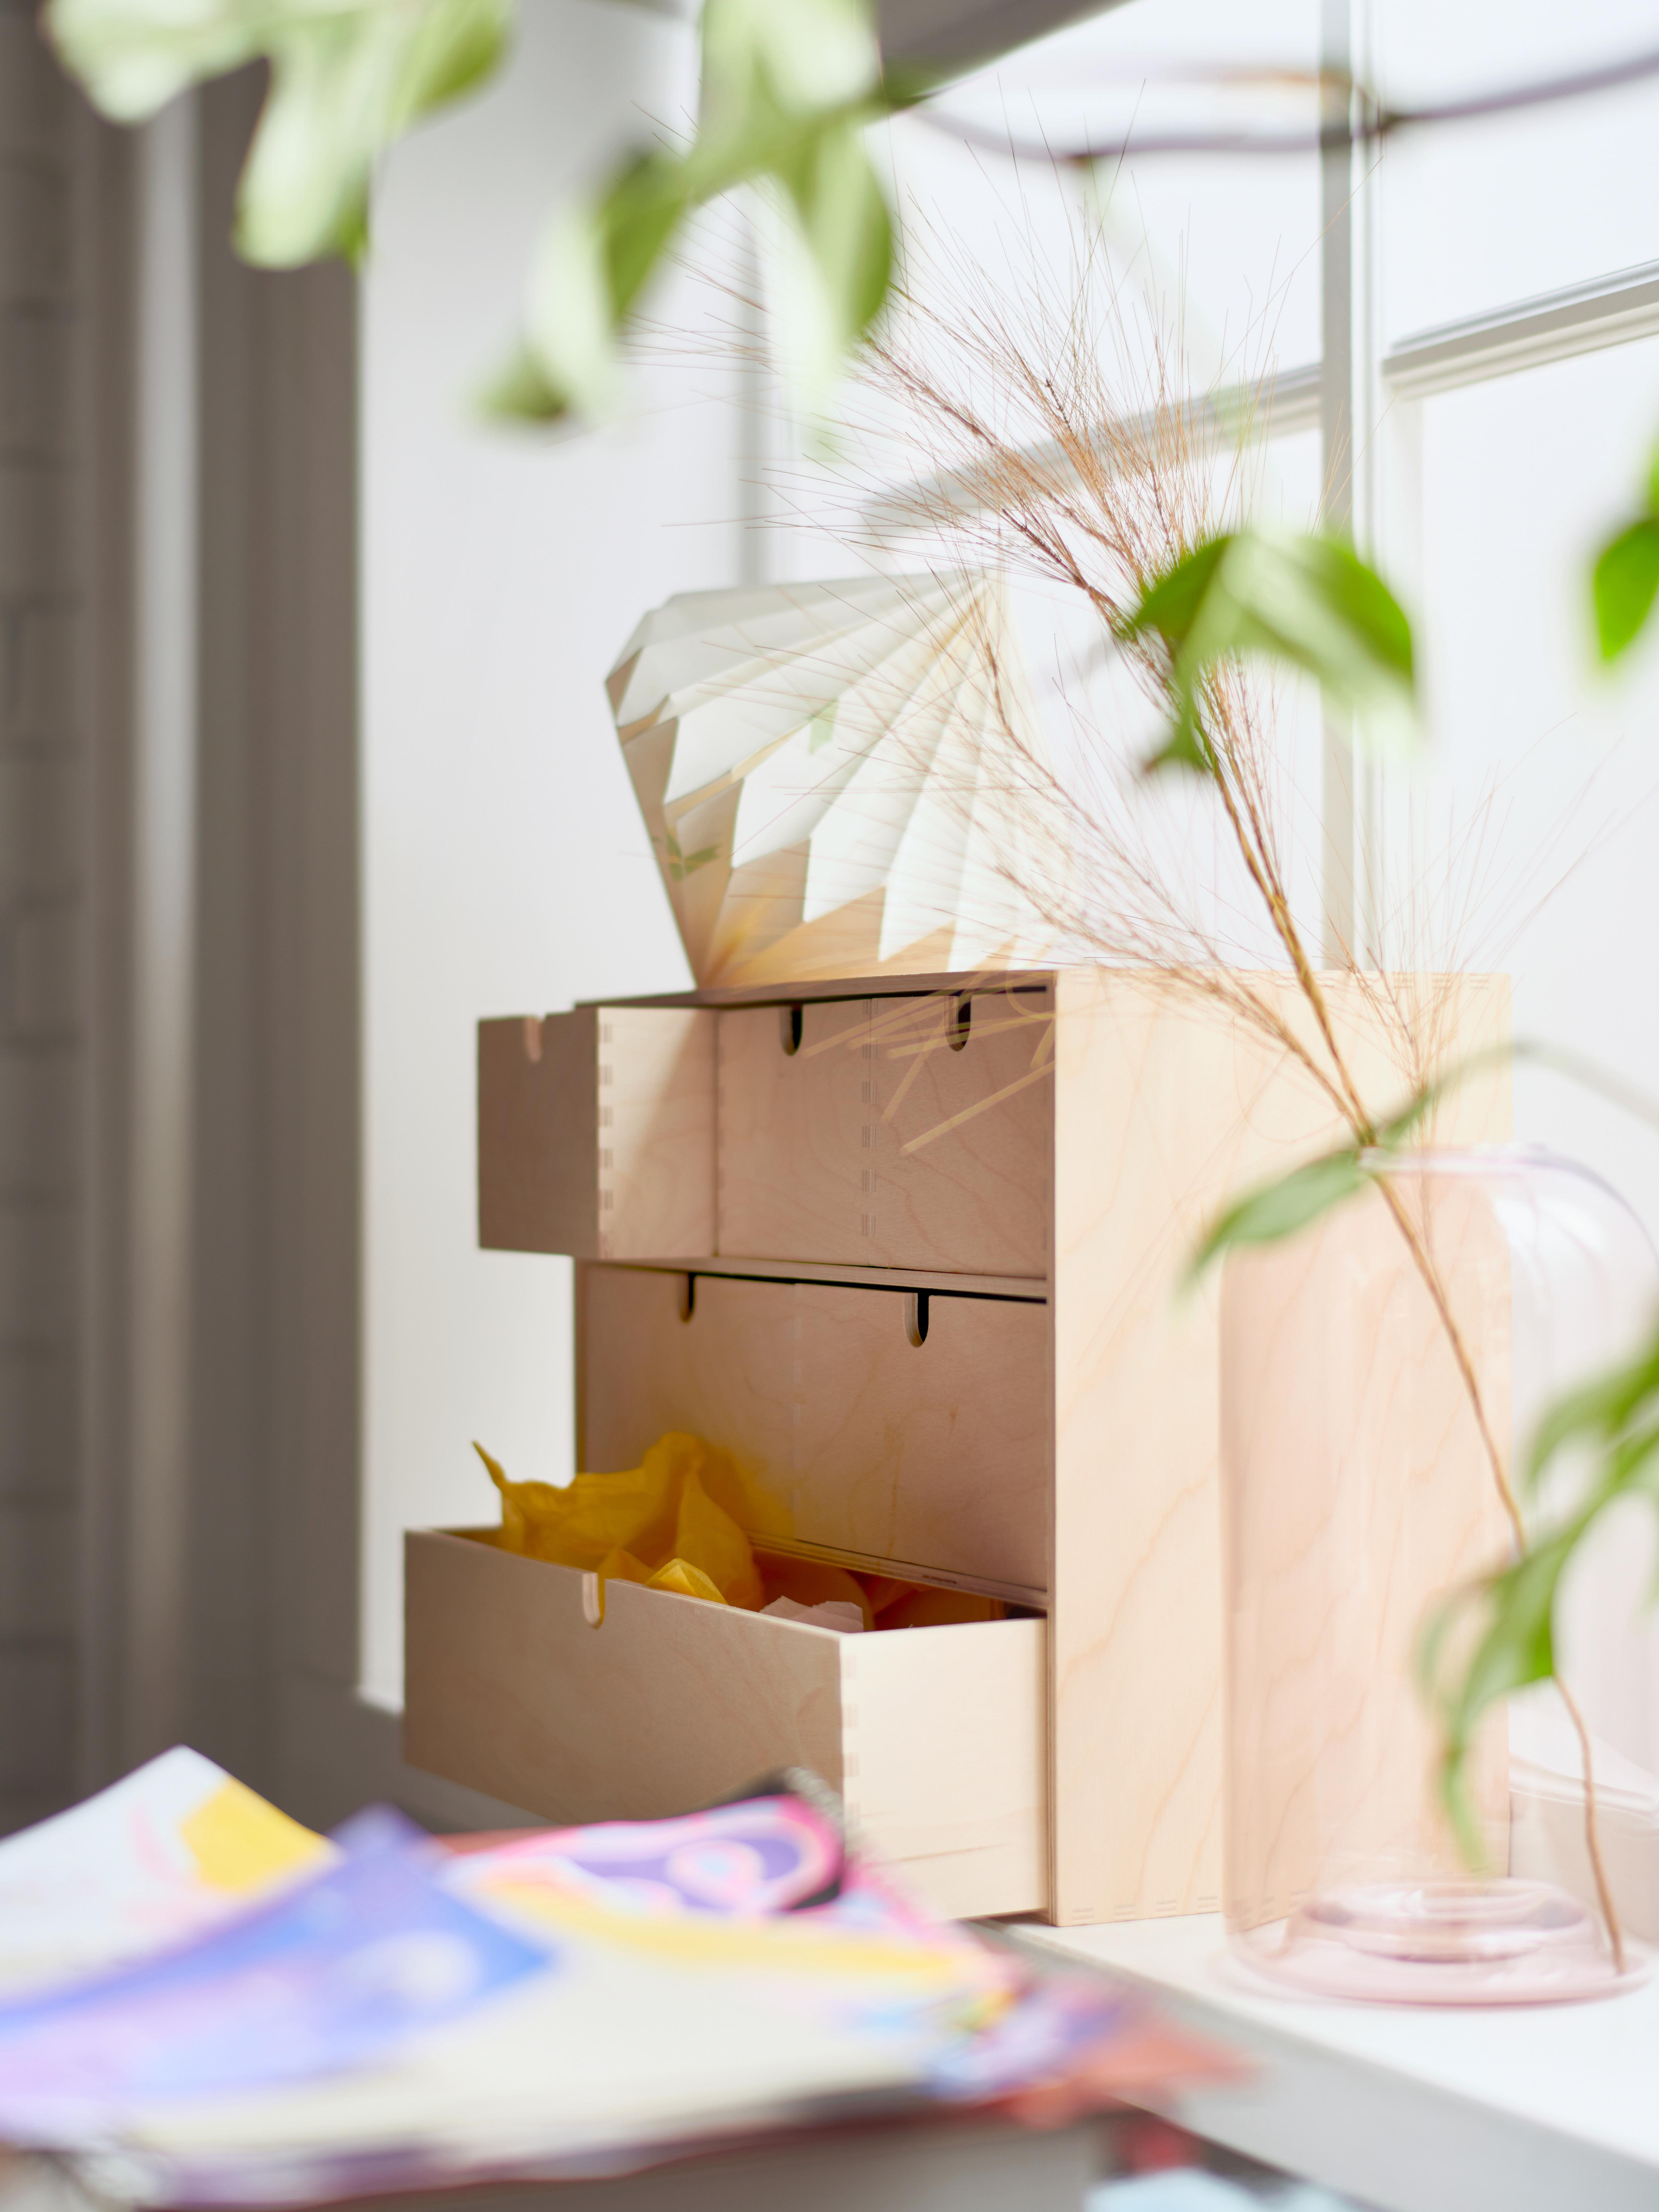 Une mini-commode MOPPE en contreplaqué de bouleau sur un rebord de fenêtre, des dessins et un vase en verre avec une branche à côté.